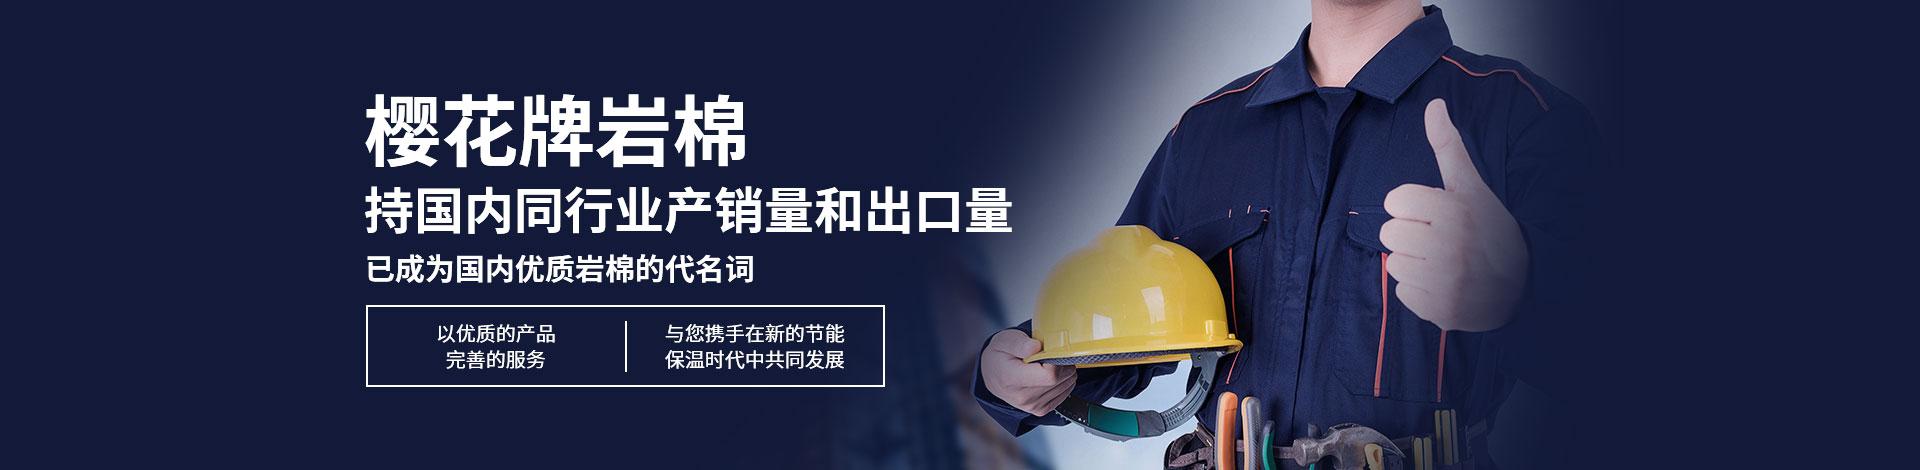 上海蓝邻实业有限公司